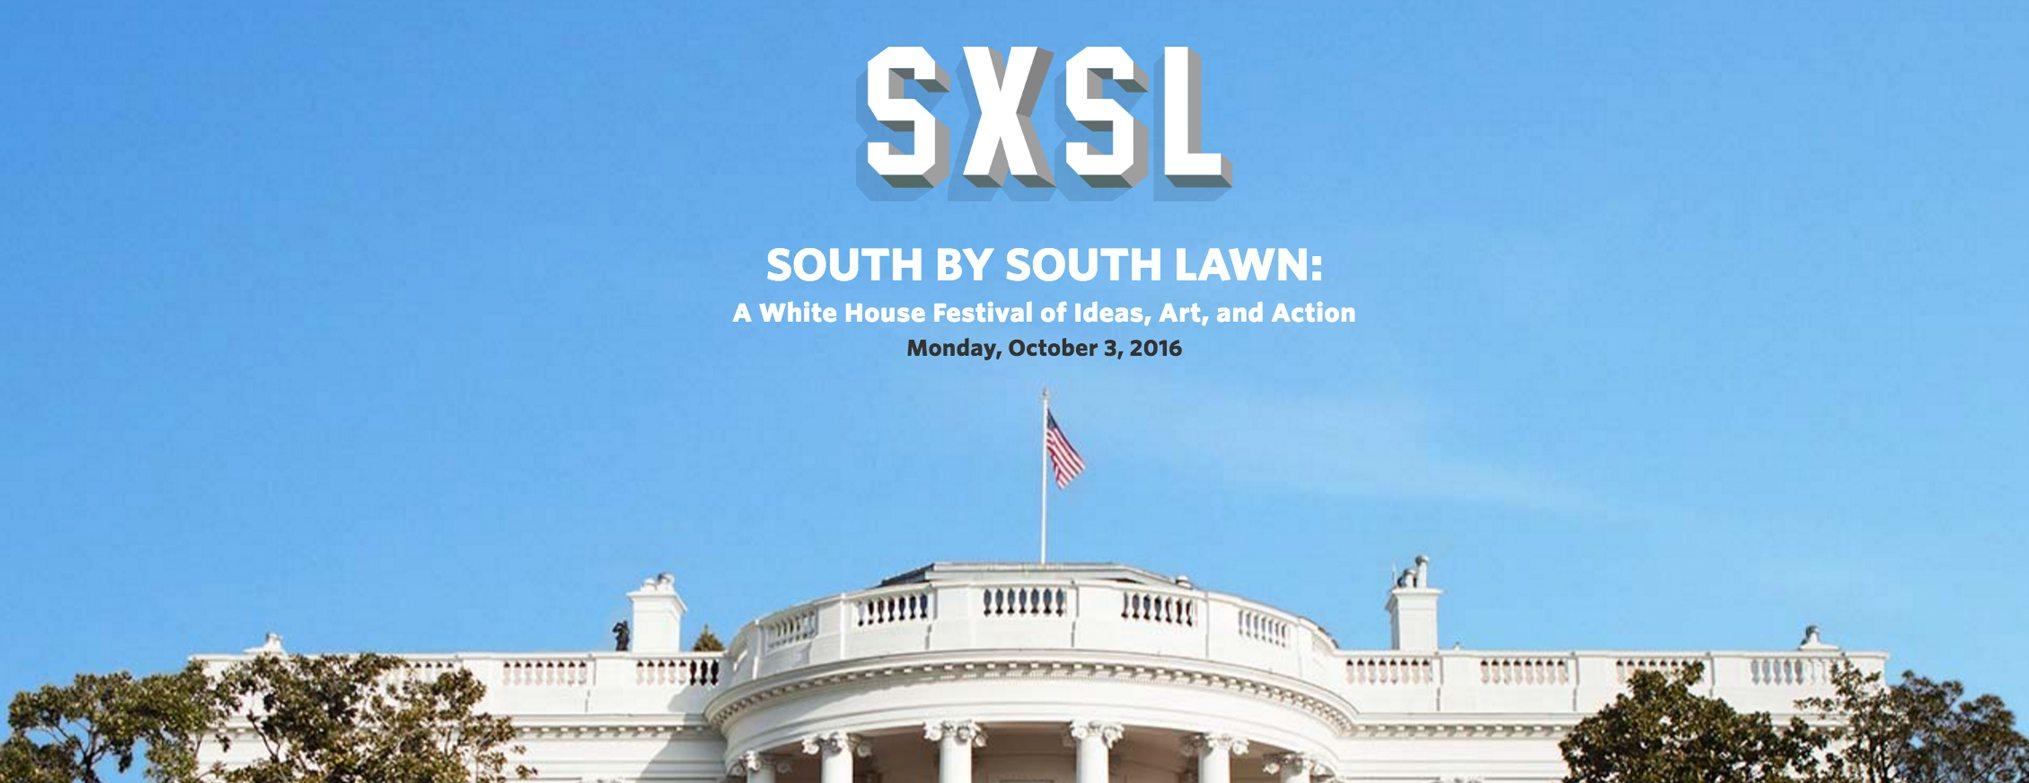 white house sxsl